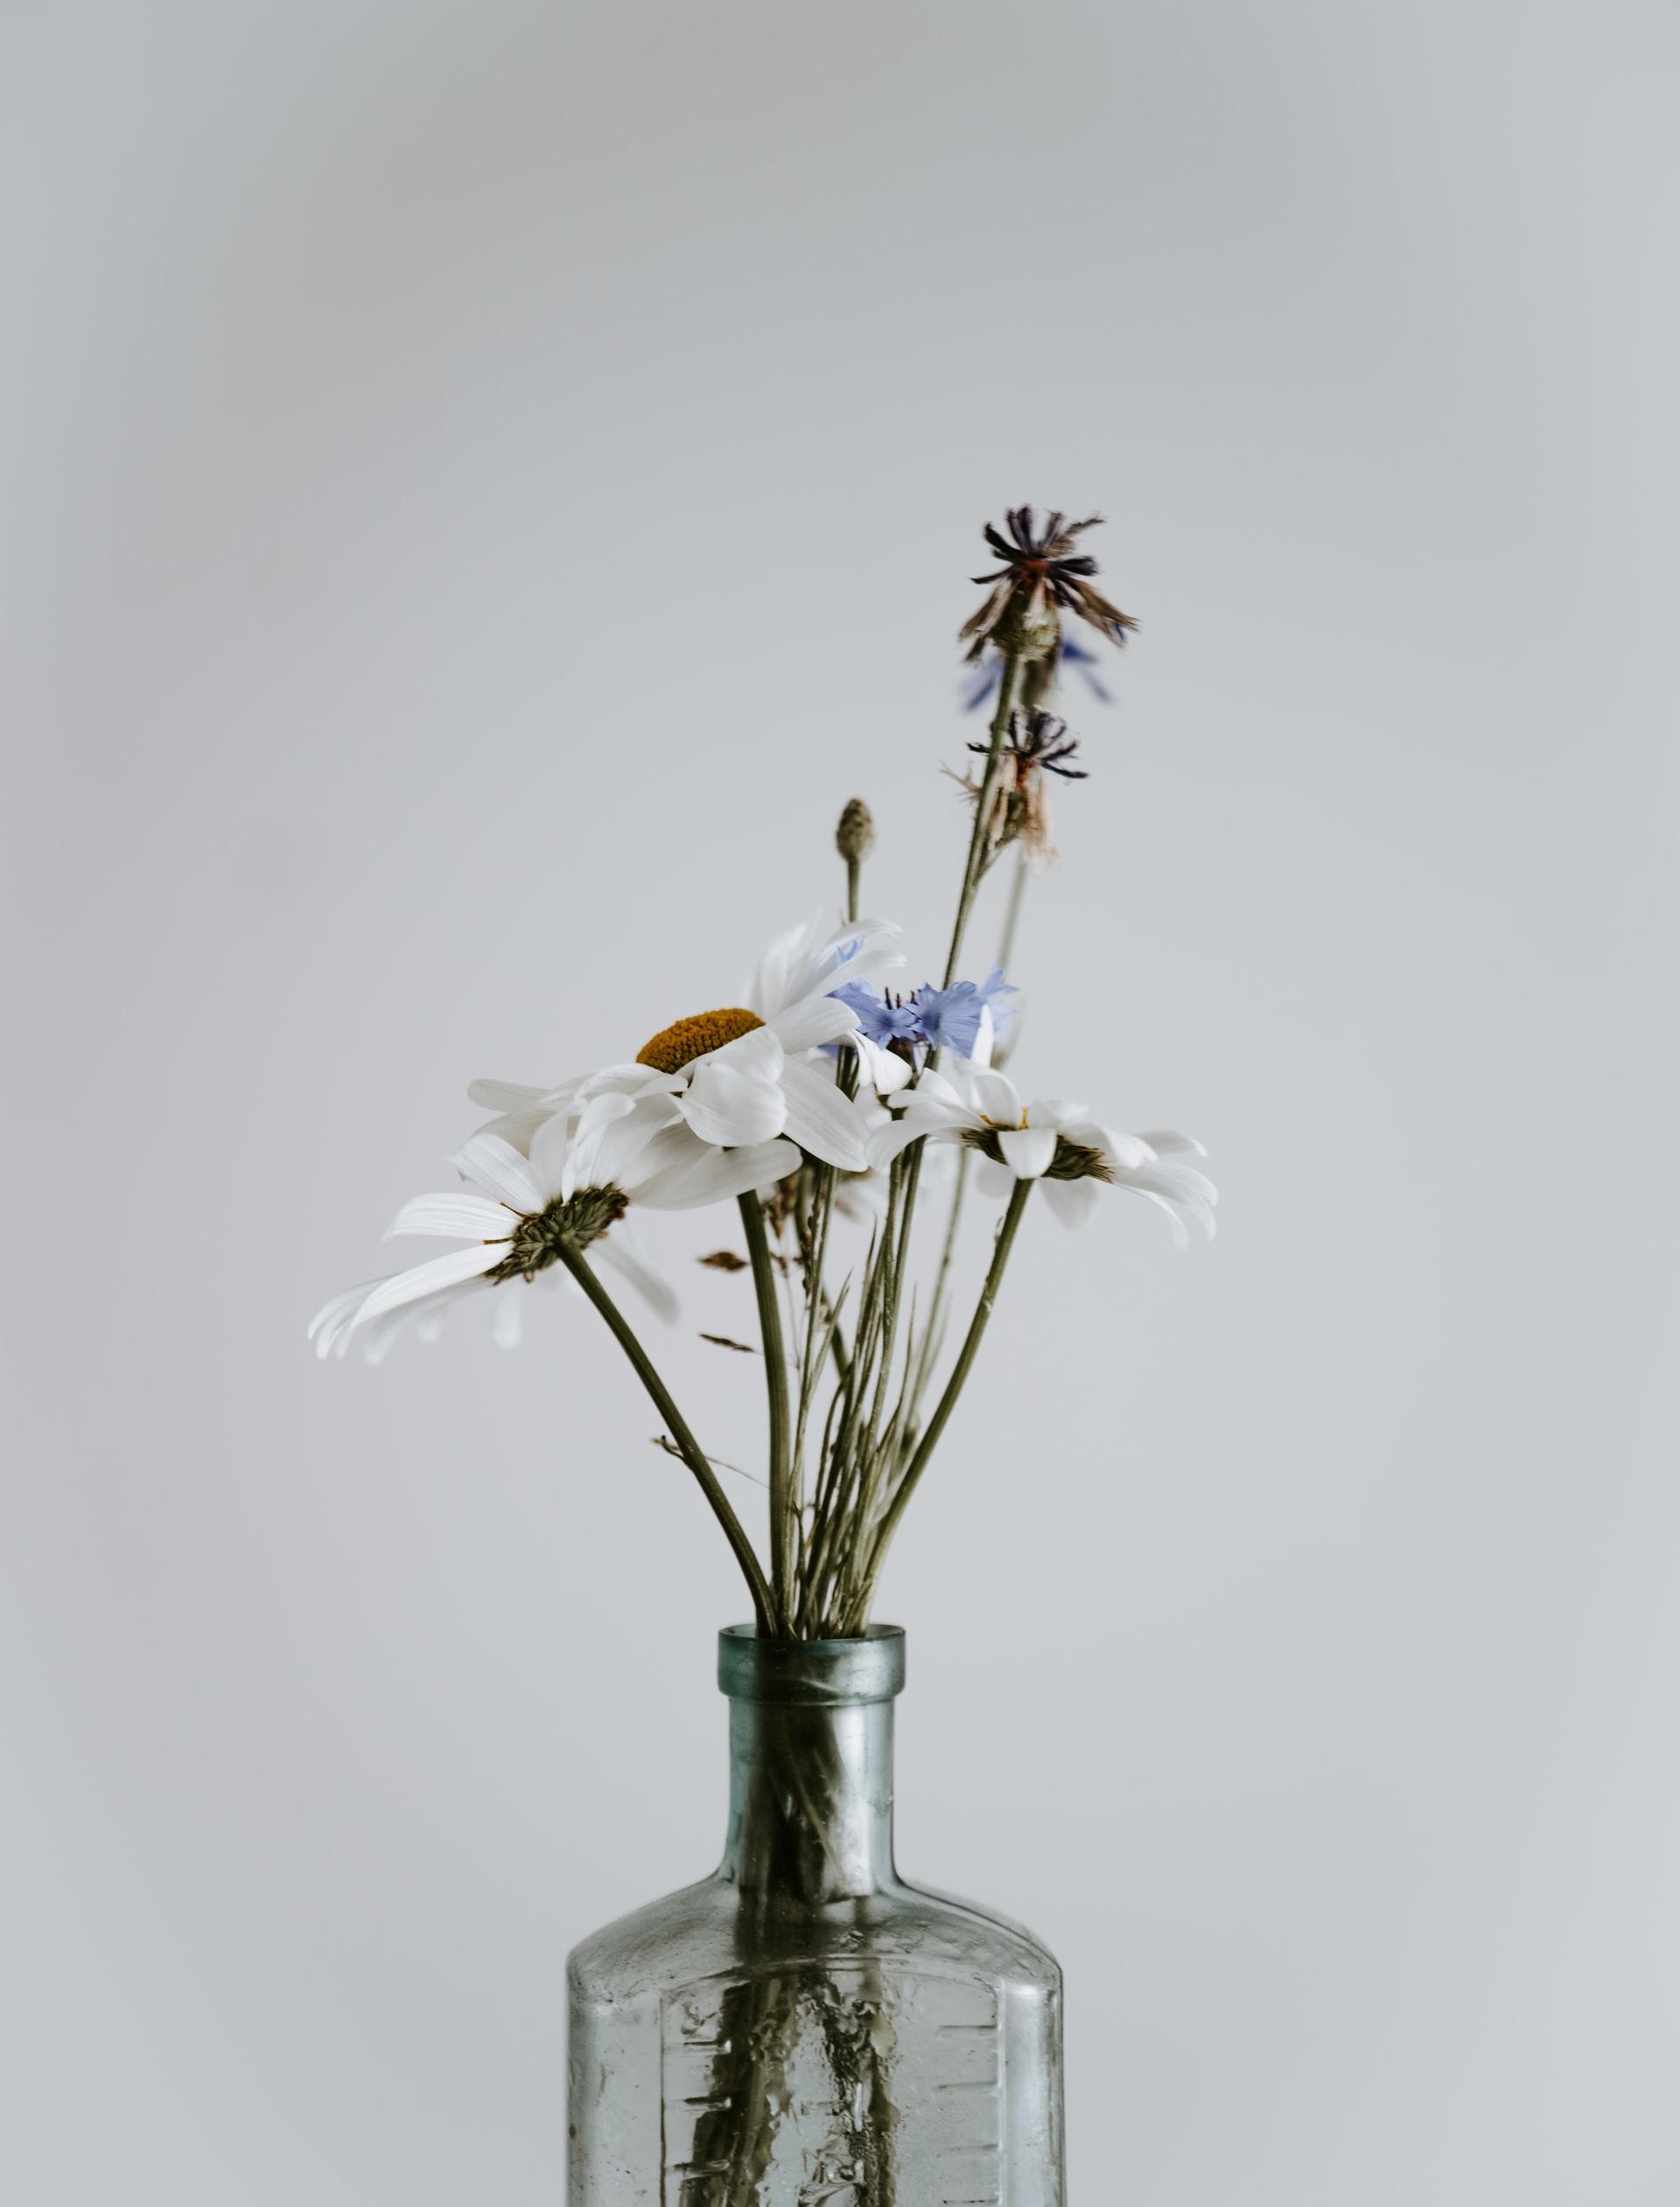 wildflowers in a bottle